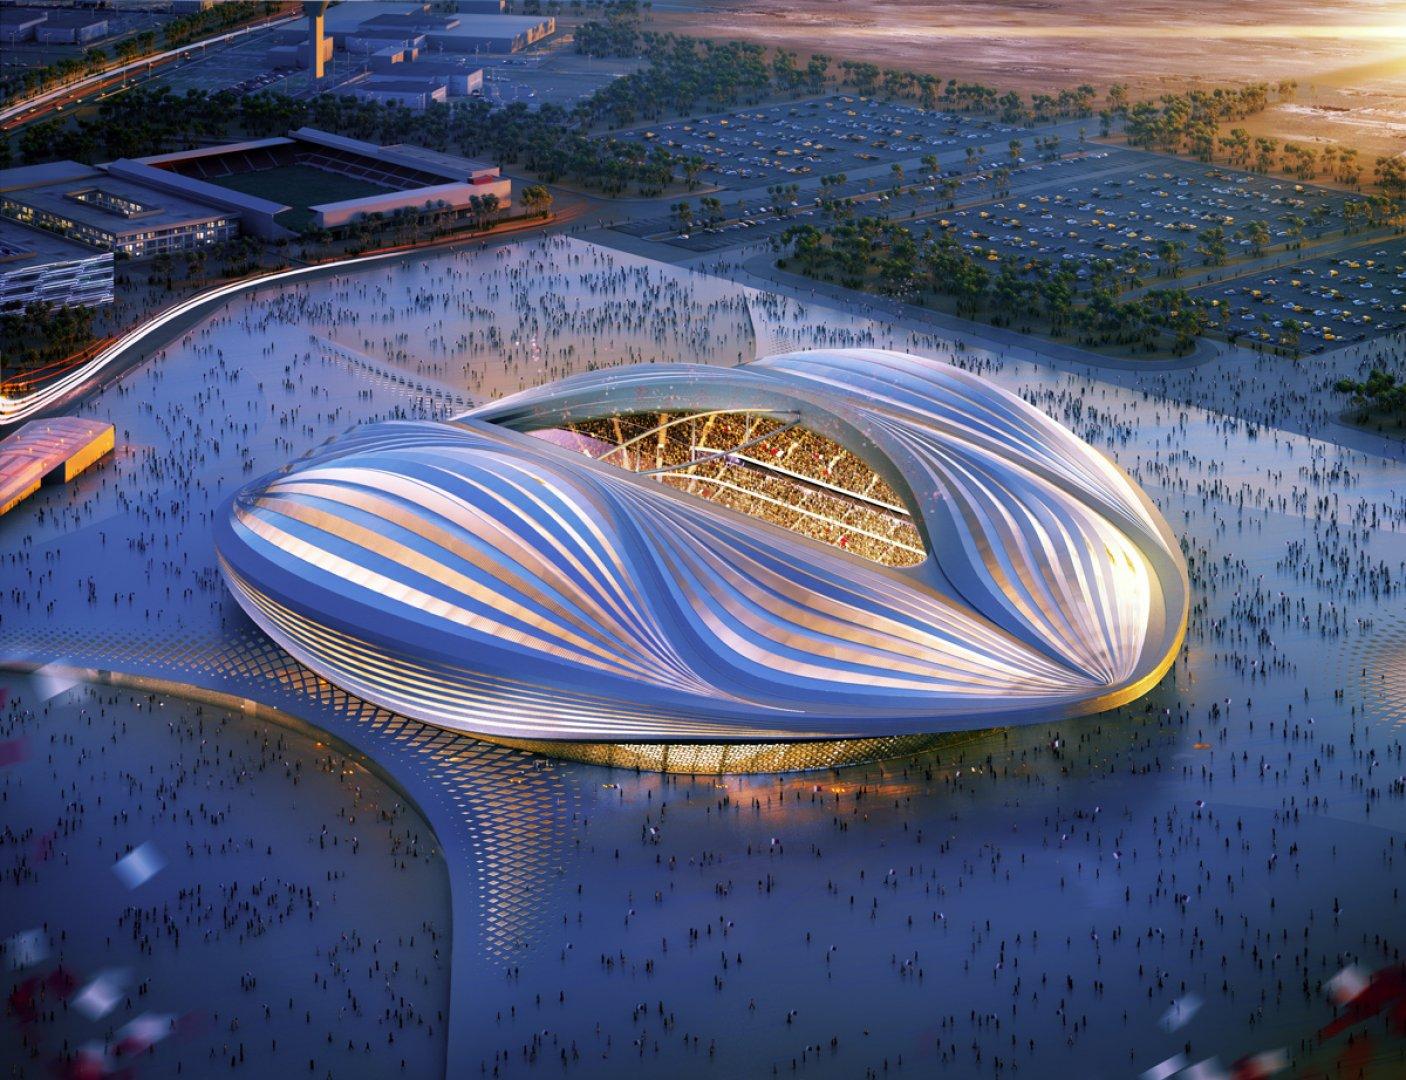 Проект Национального стадиона в Токио. Строительство должно завершиться в 2018 году